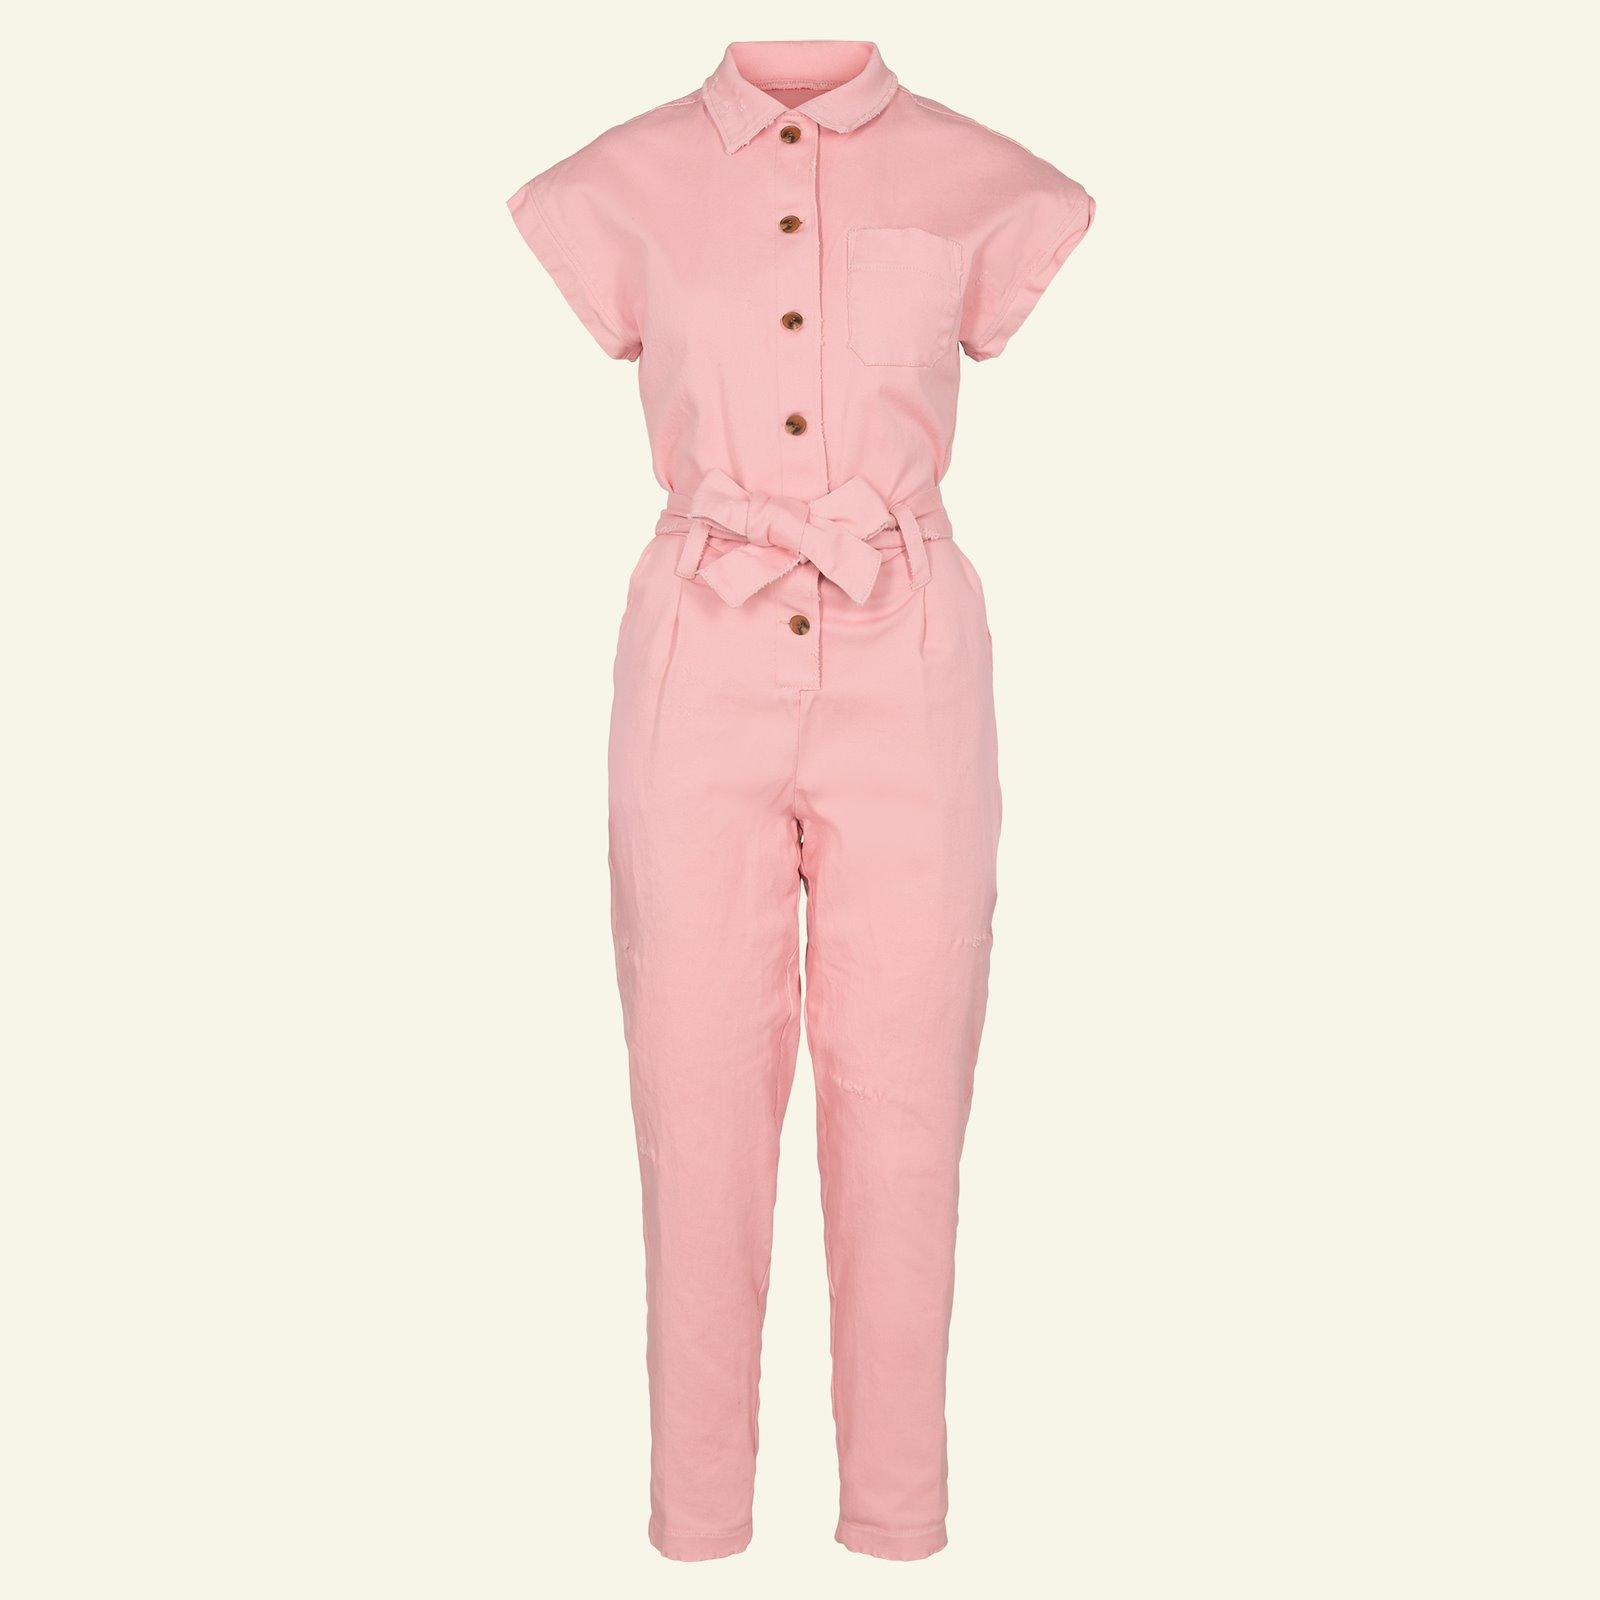 Denim w stretch dusty pink  9,5oz p20055_460856_sskit